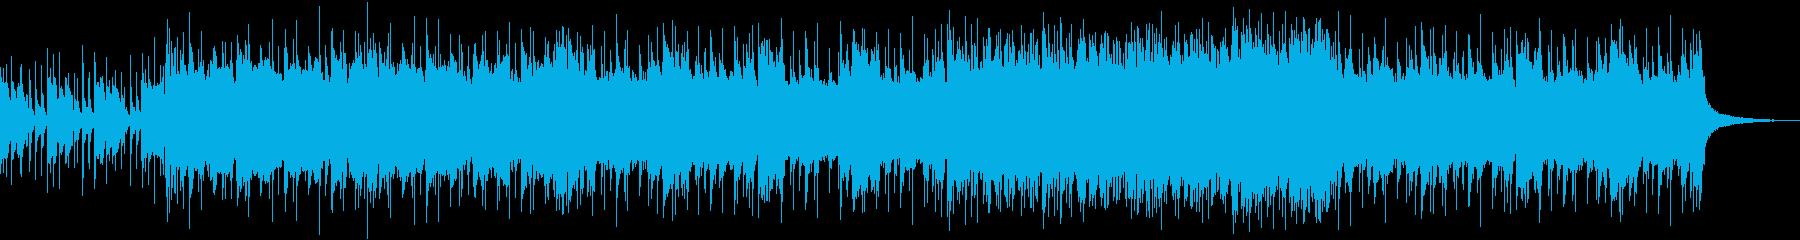 洋館・悪魔降臨・シンフォニックなメタルの再生済みの波形